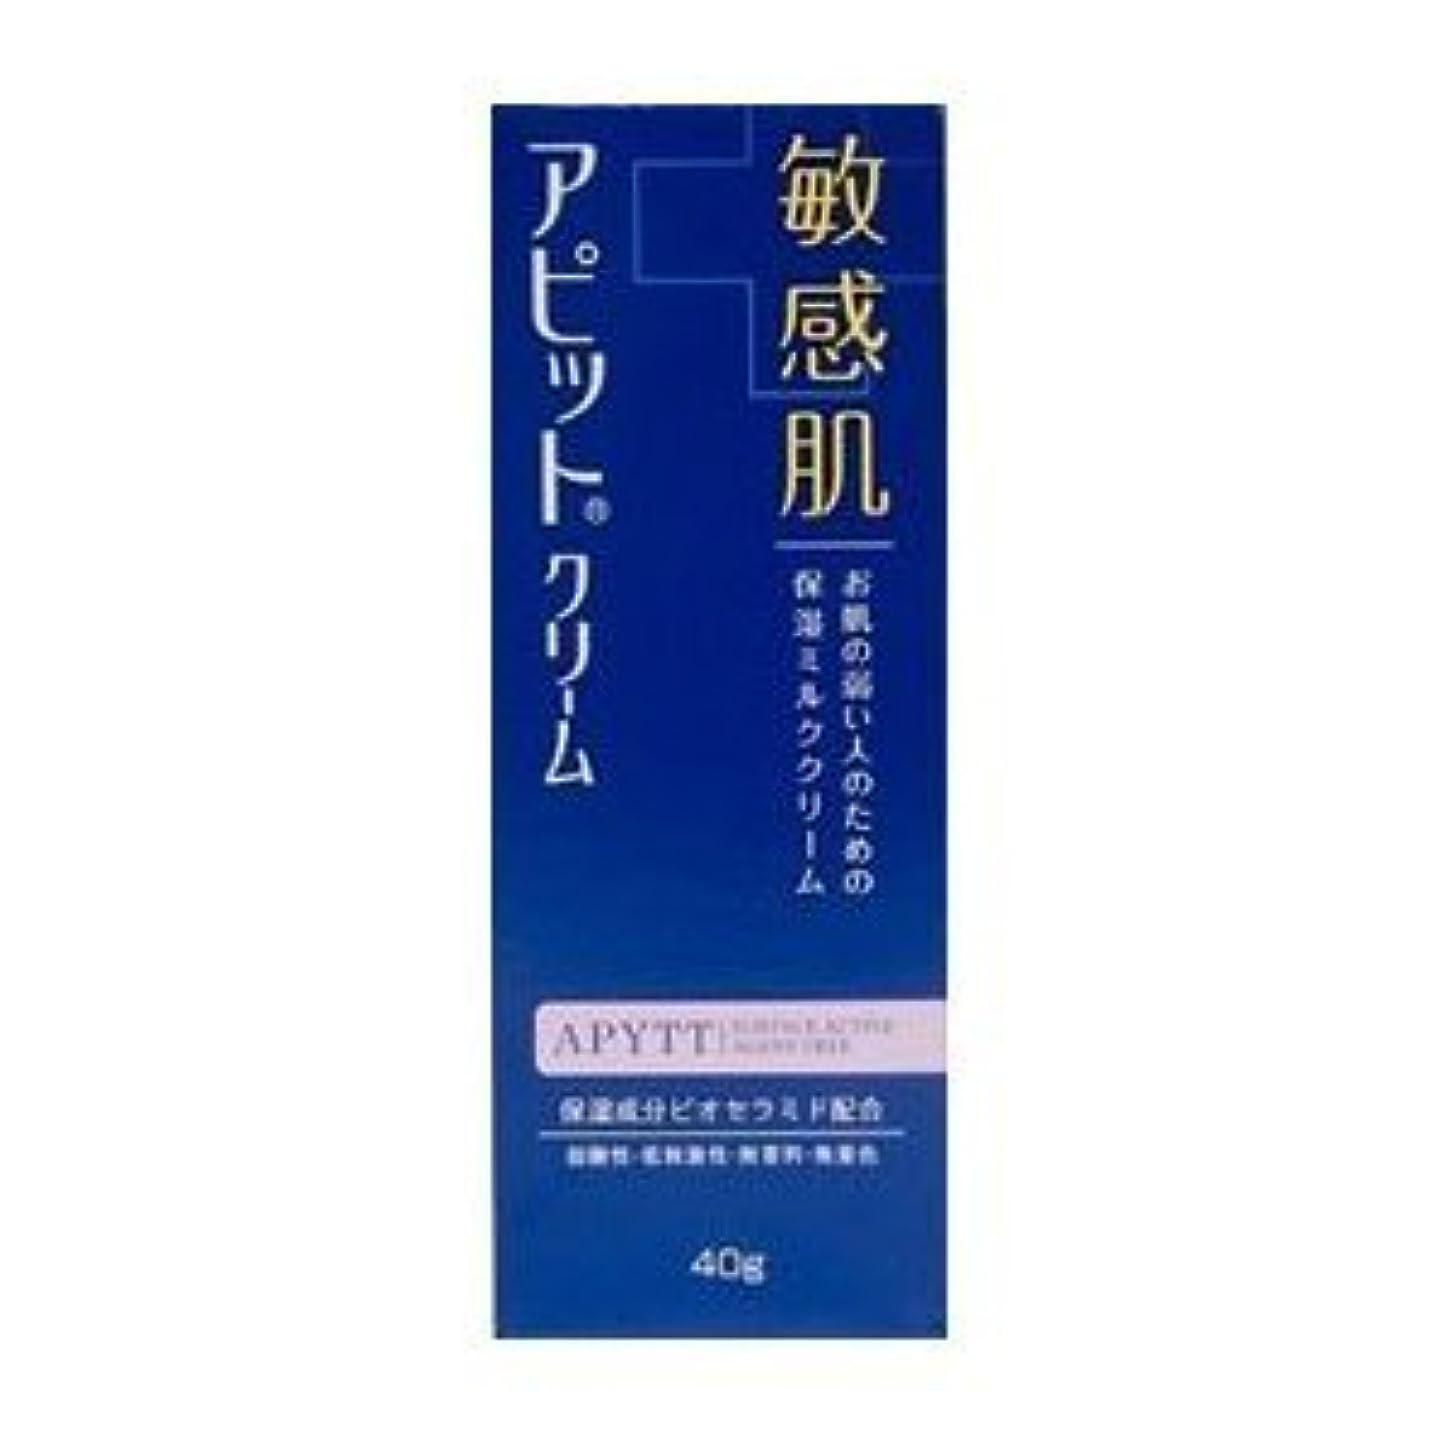 喜んで高潔な複数全薬工業 アピットクリーム 40g×3個セット (医薬部外品)